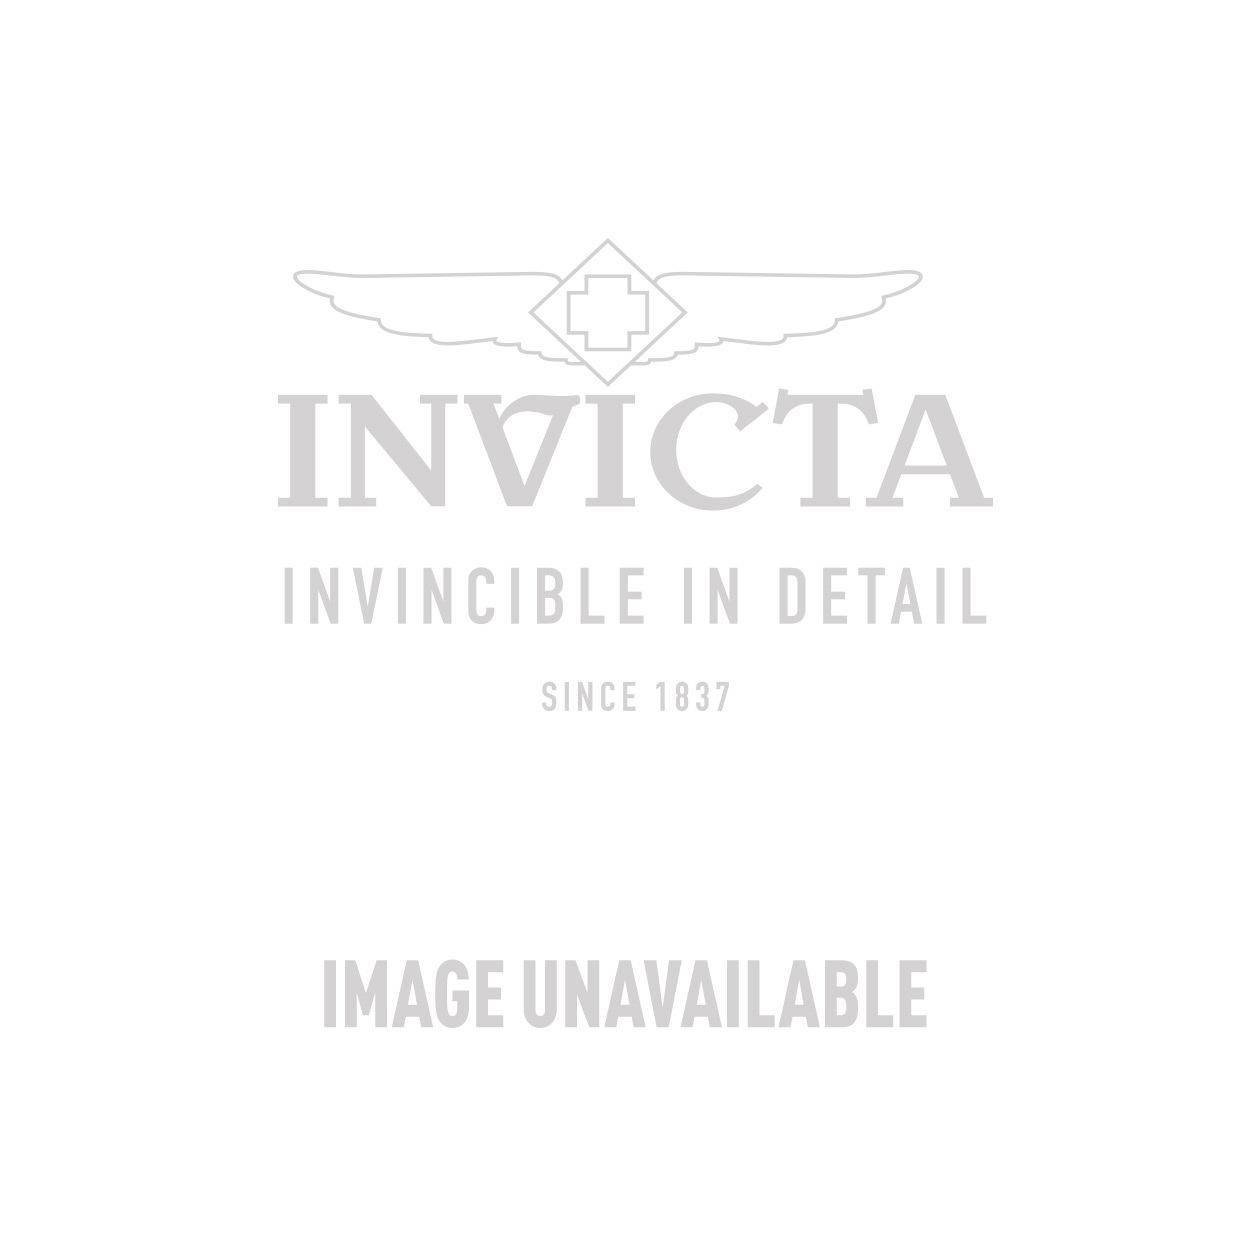 Invicta Model  25973